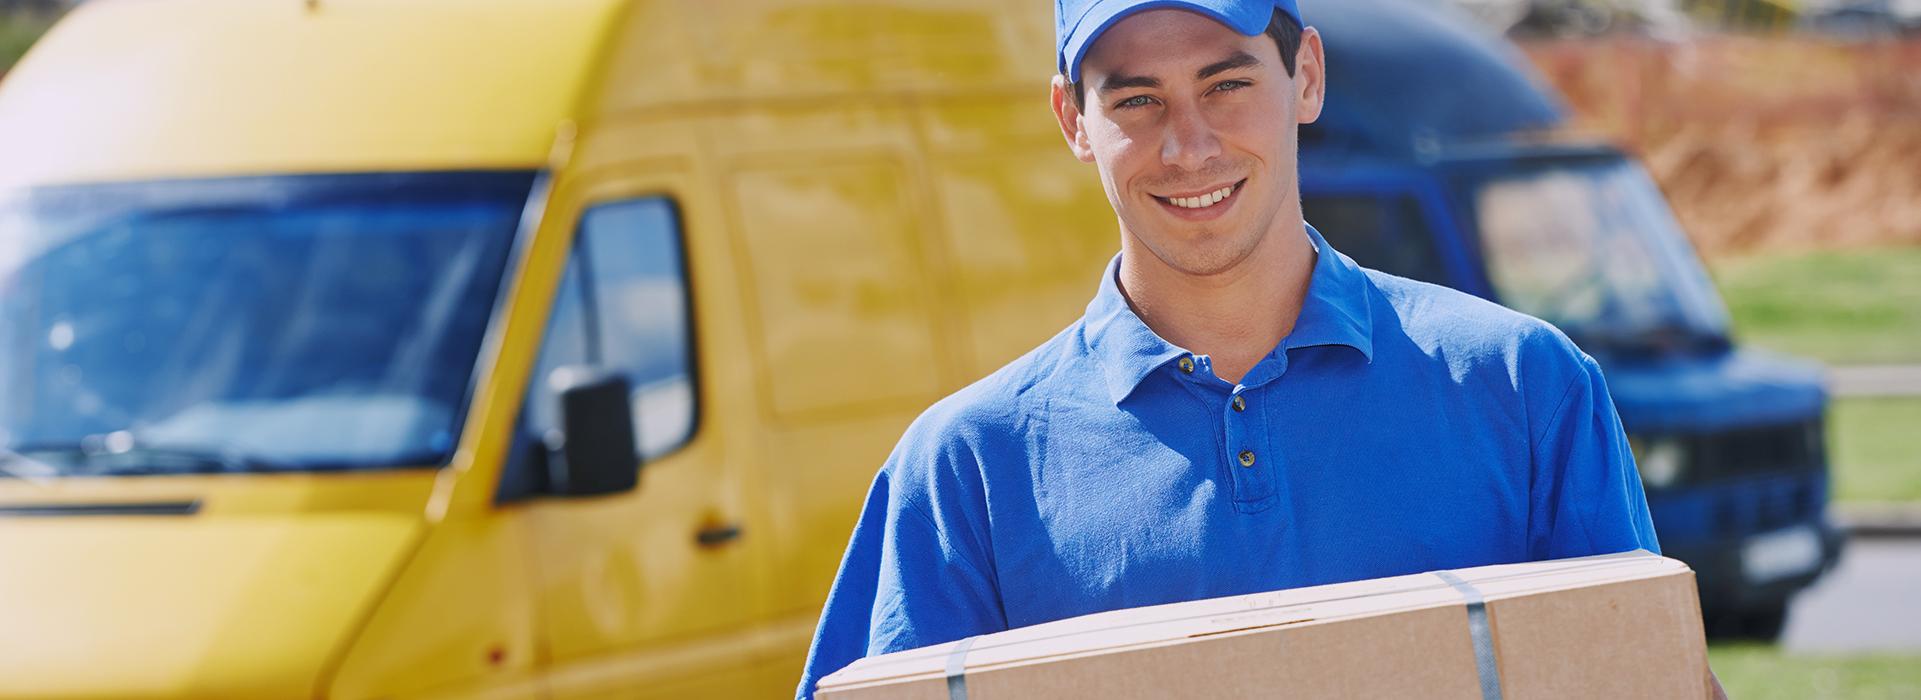 Tenemos 20 años ofreciendo en un mismo lugar servicios de mensajería y paquetería exprés en el ámbito local, nacional e internacional